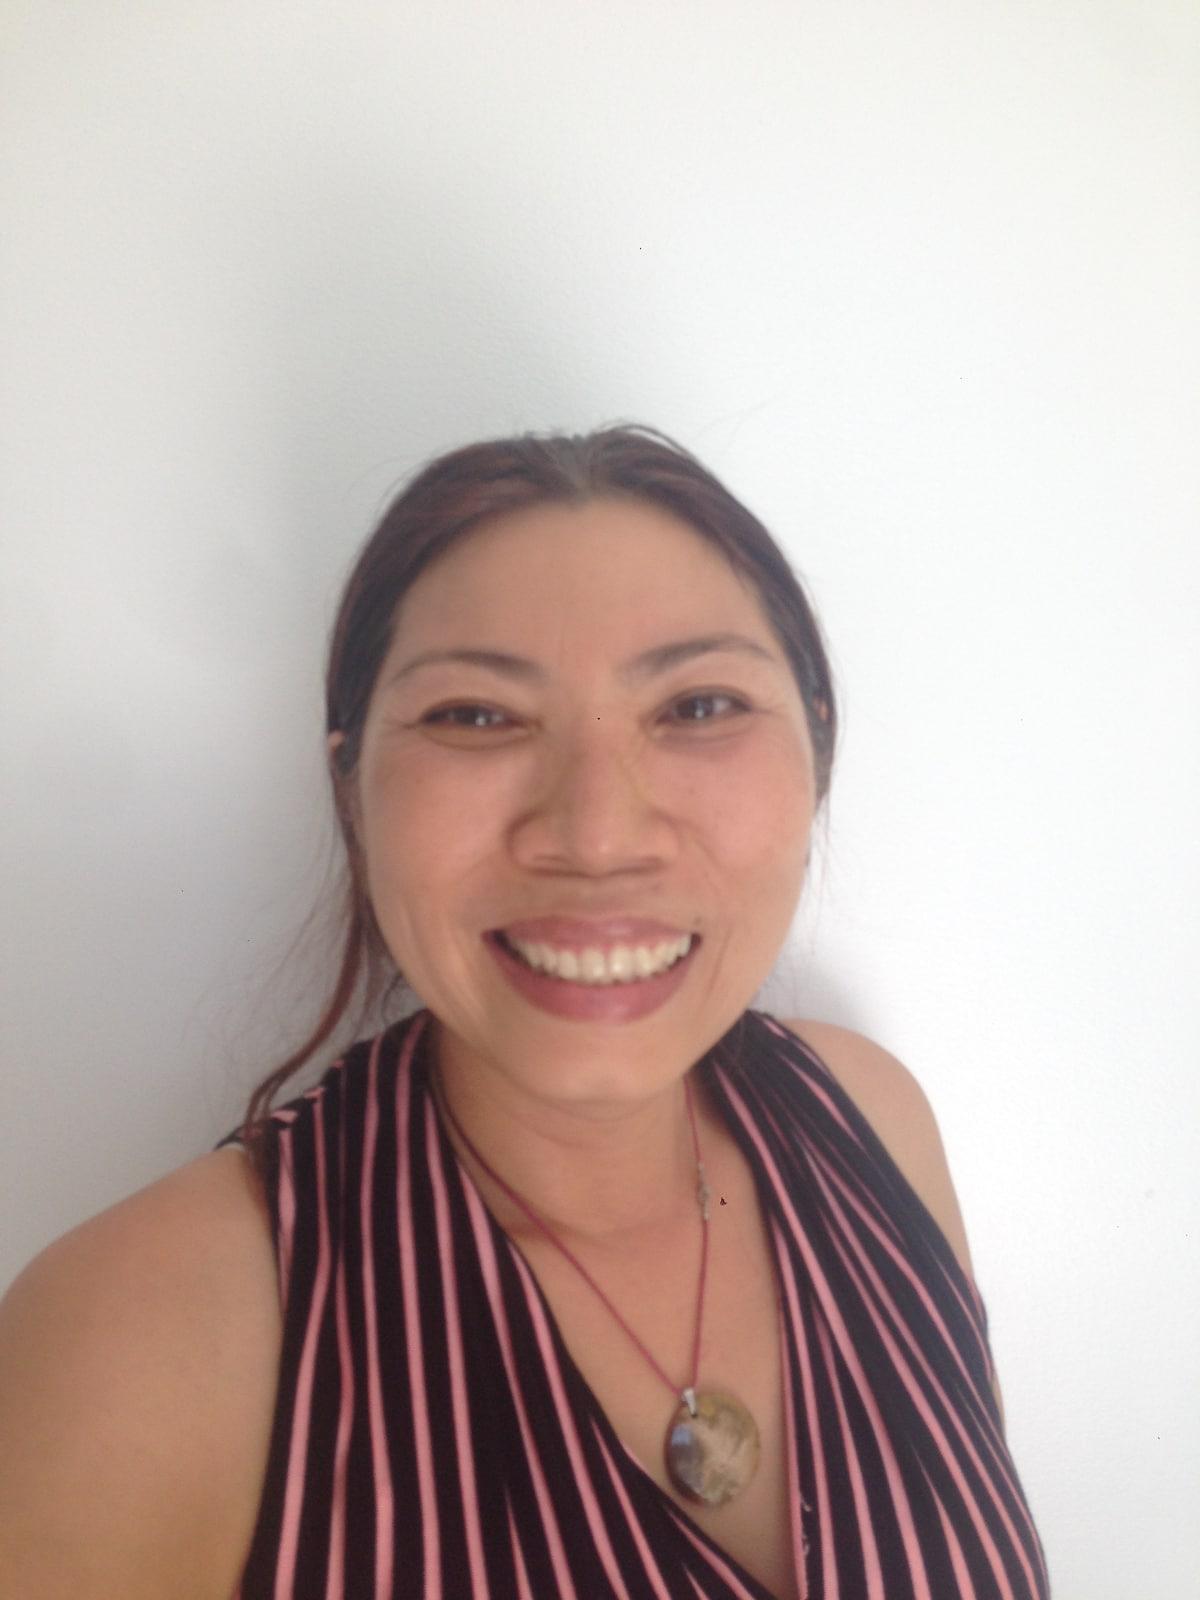 Tina from Phan Theit, Binh Thuan